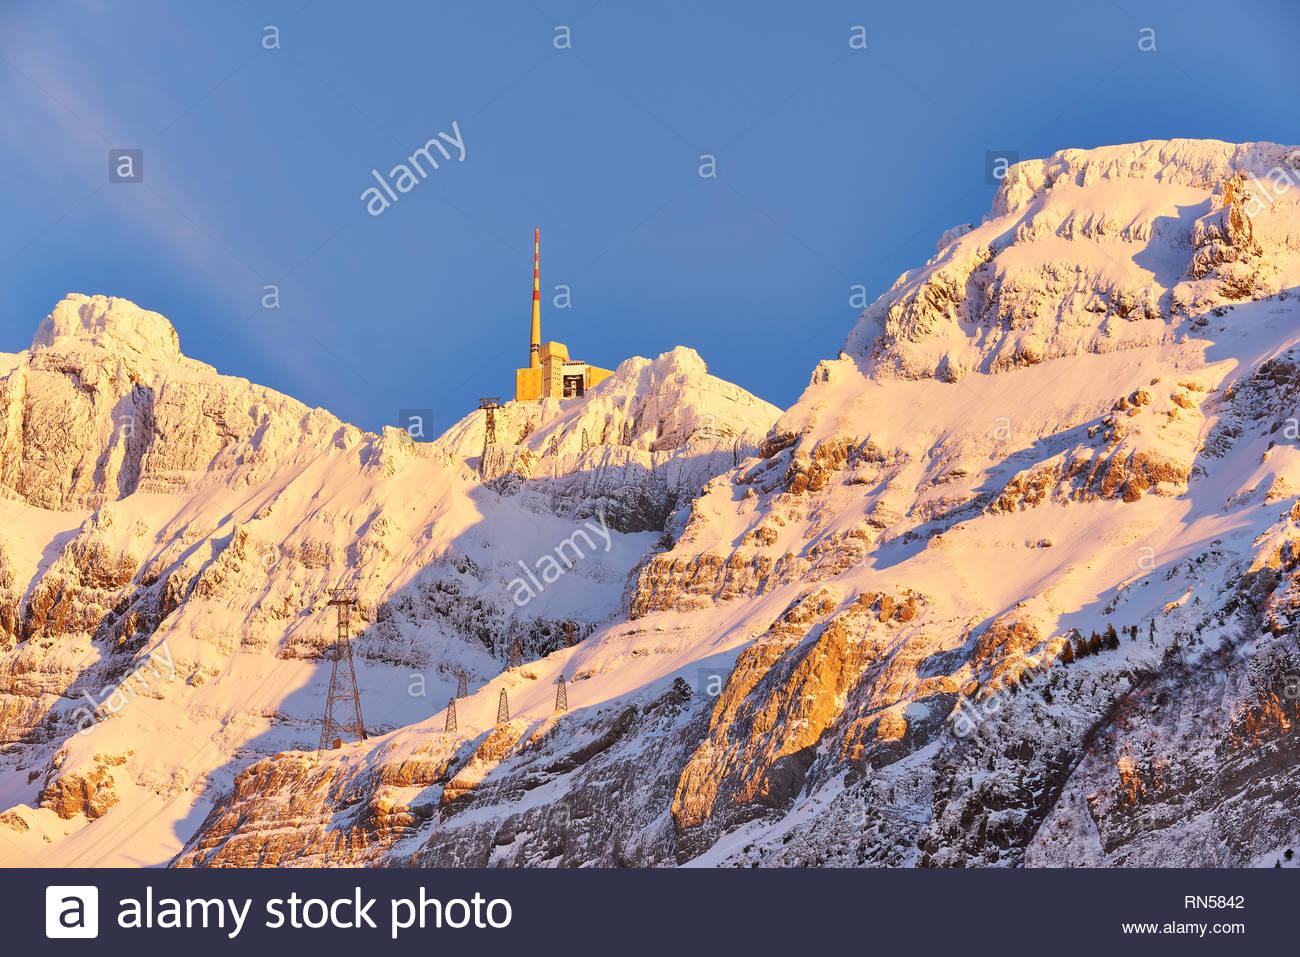 Säntis im Winter, Bergstation mit Sendemast, schneebedecktes Felsmassiv im gelben Abendlicht, blauer Himmel, Seilbahnmasten - Stock Image